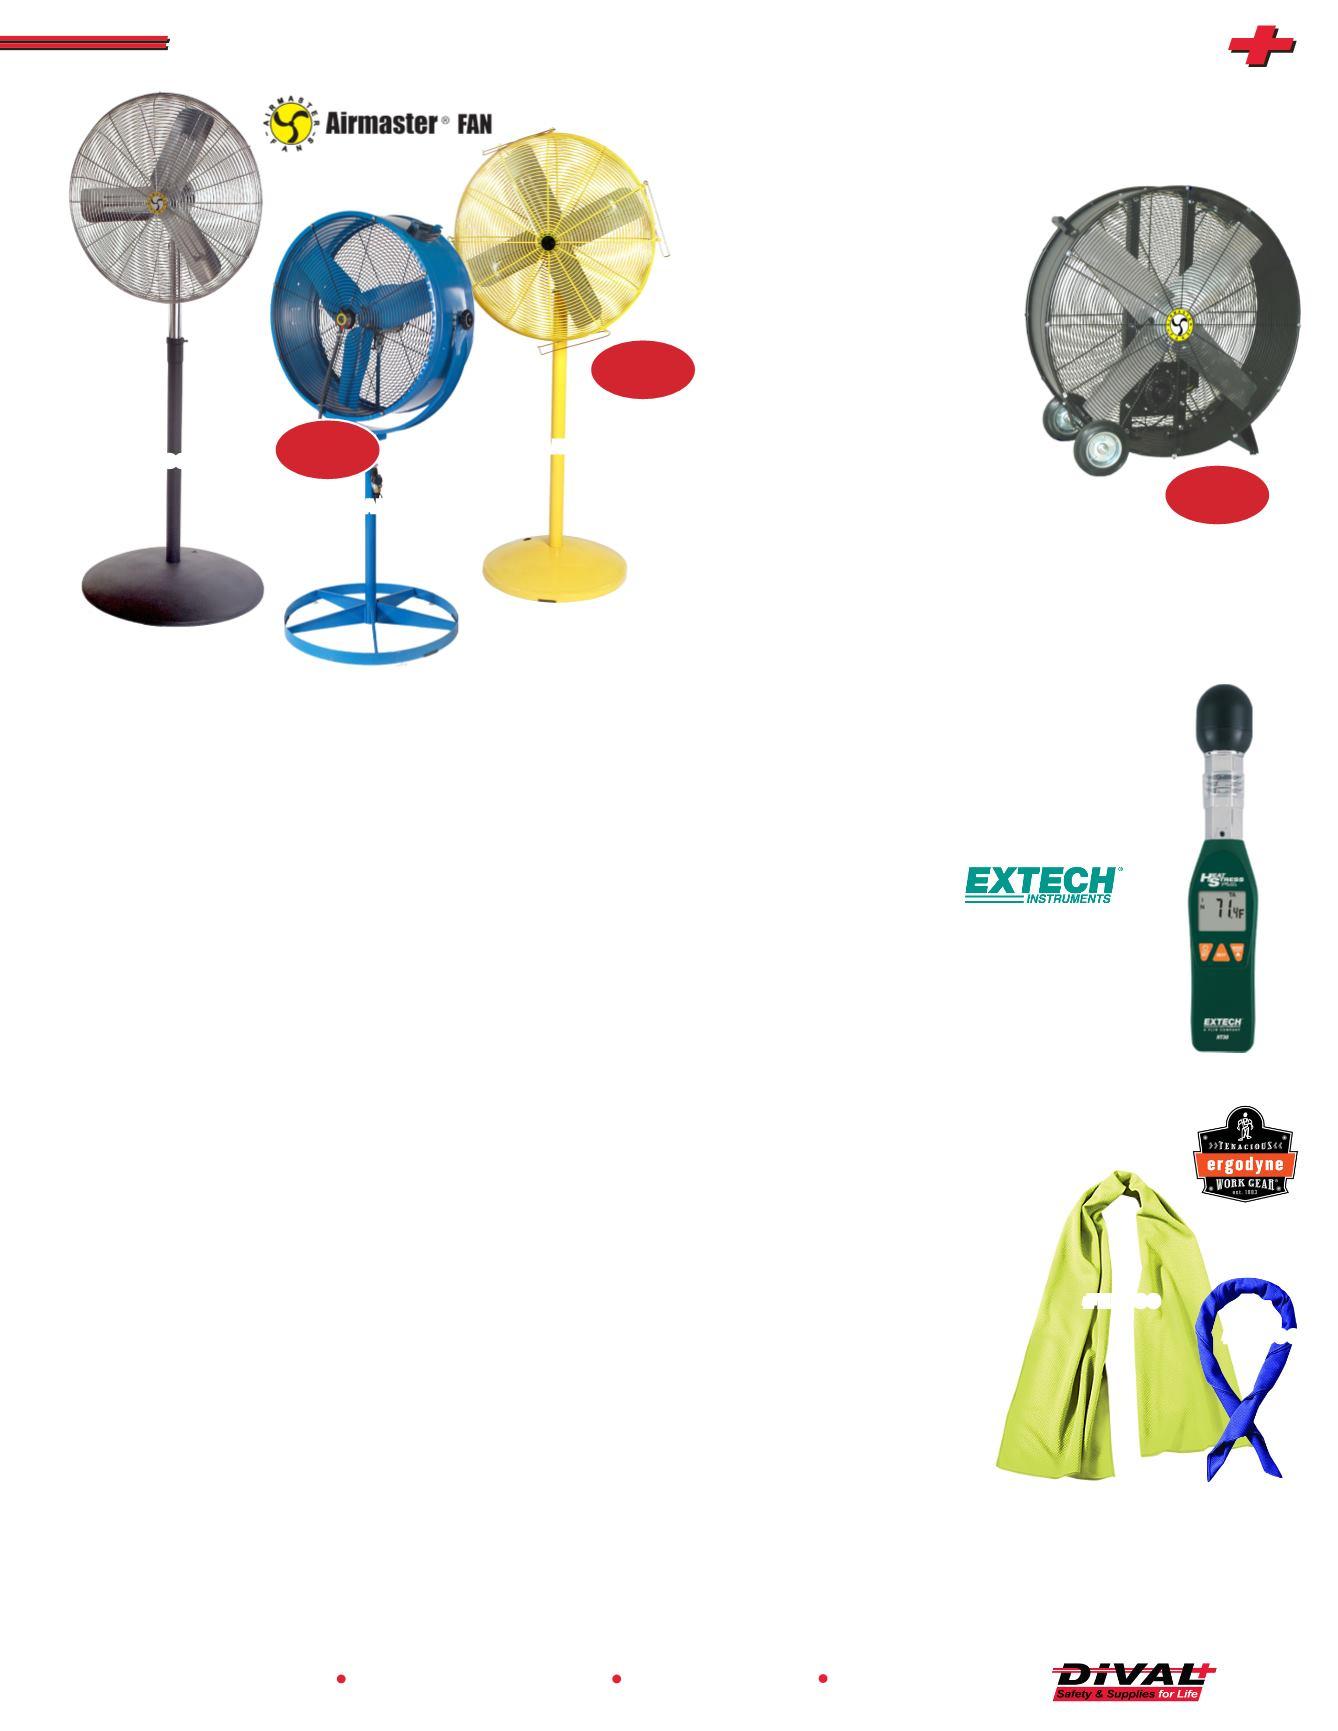 Airmaster Fan Catalog : Dival summer catalog hr